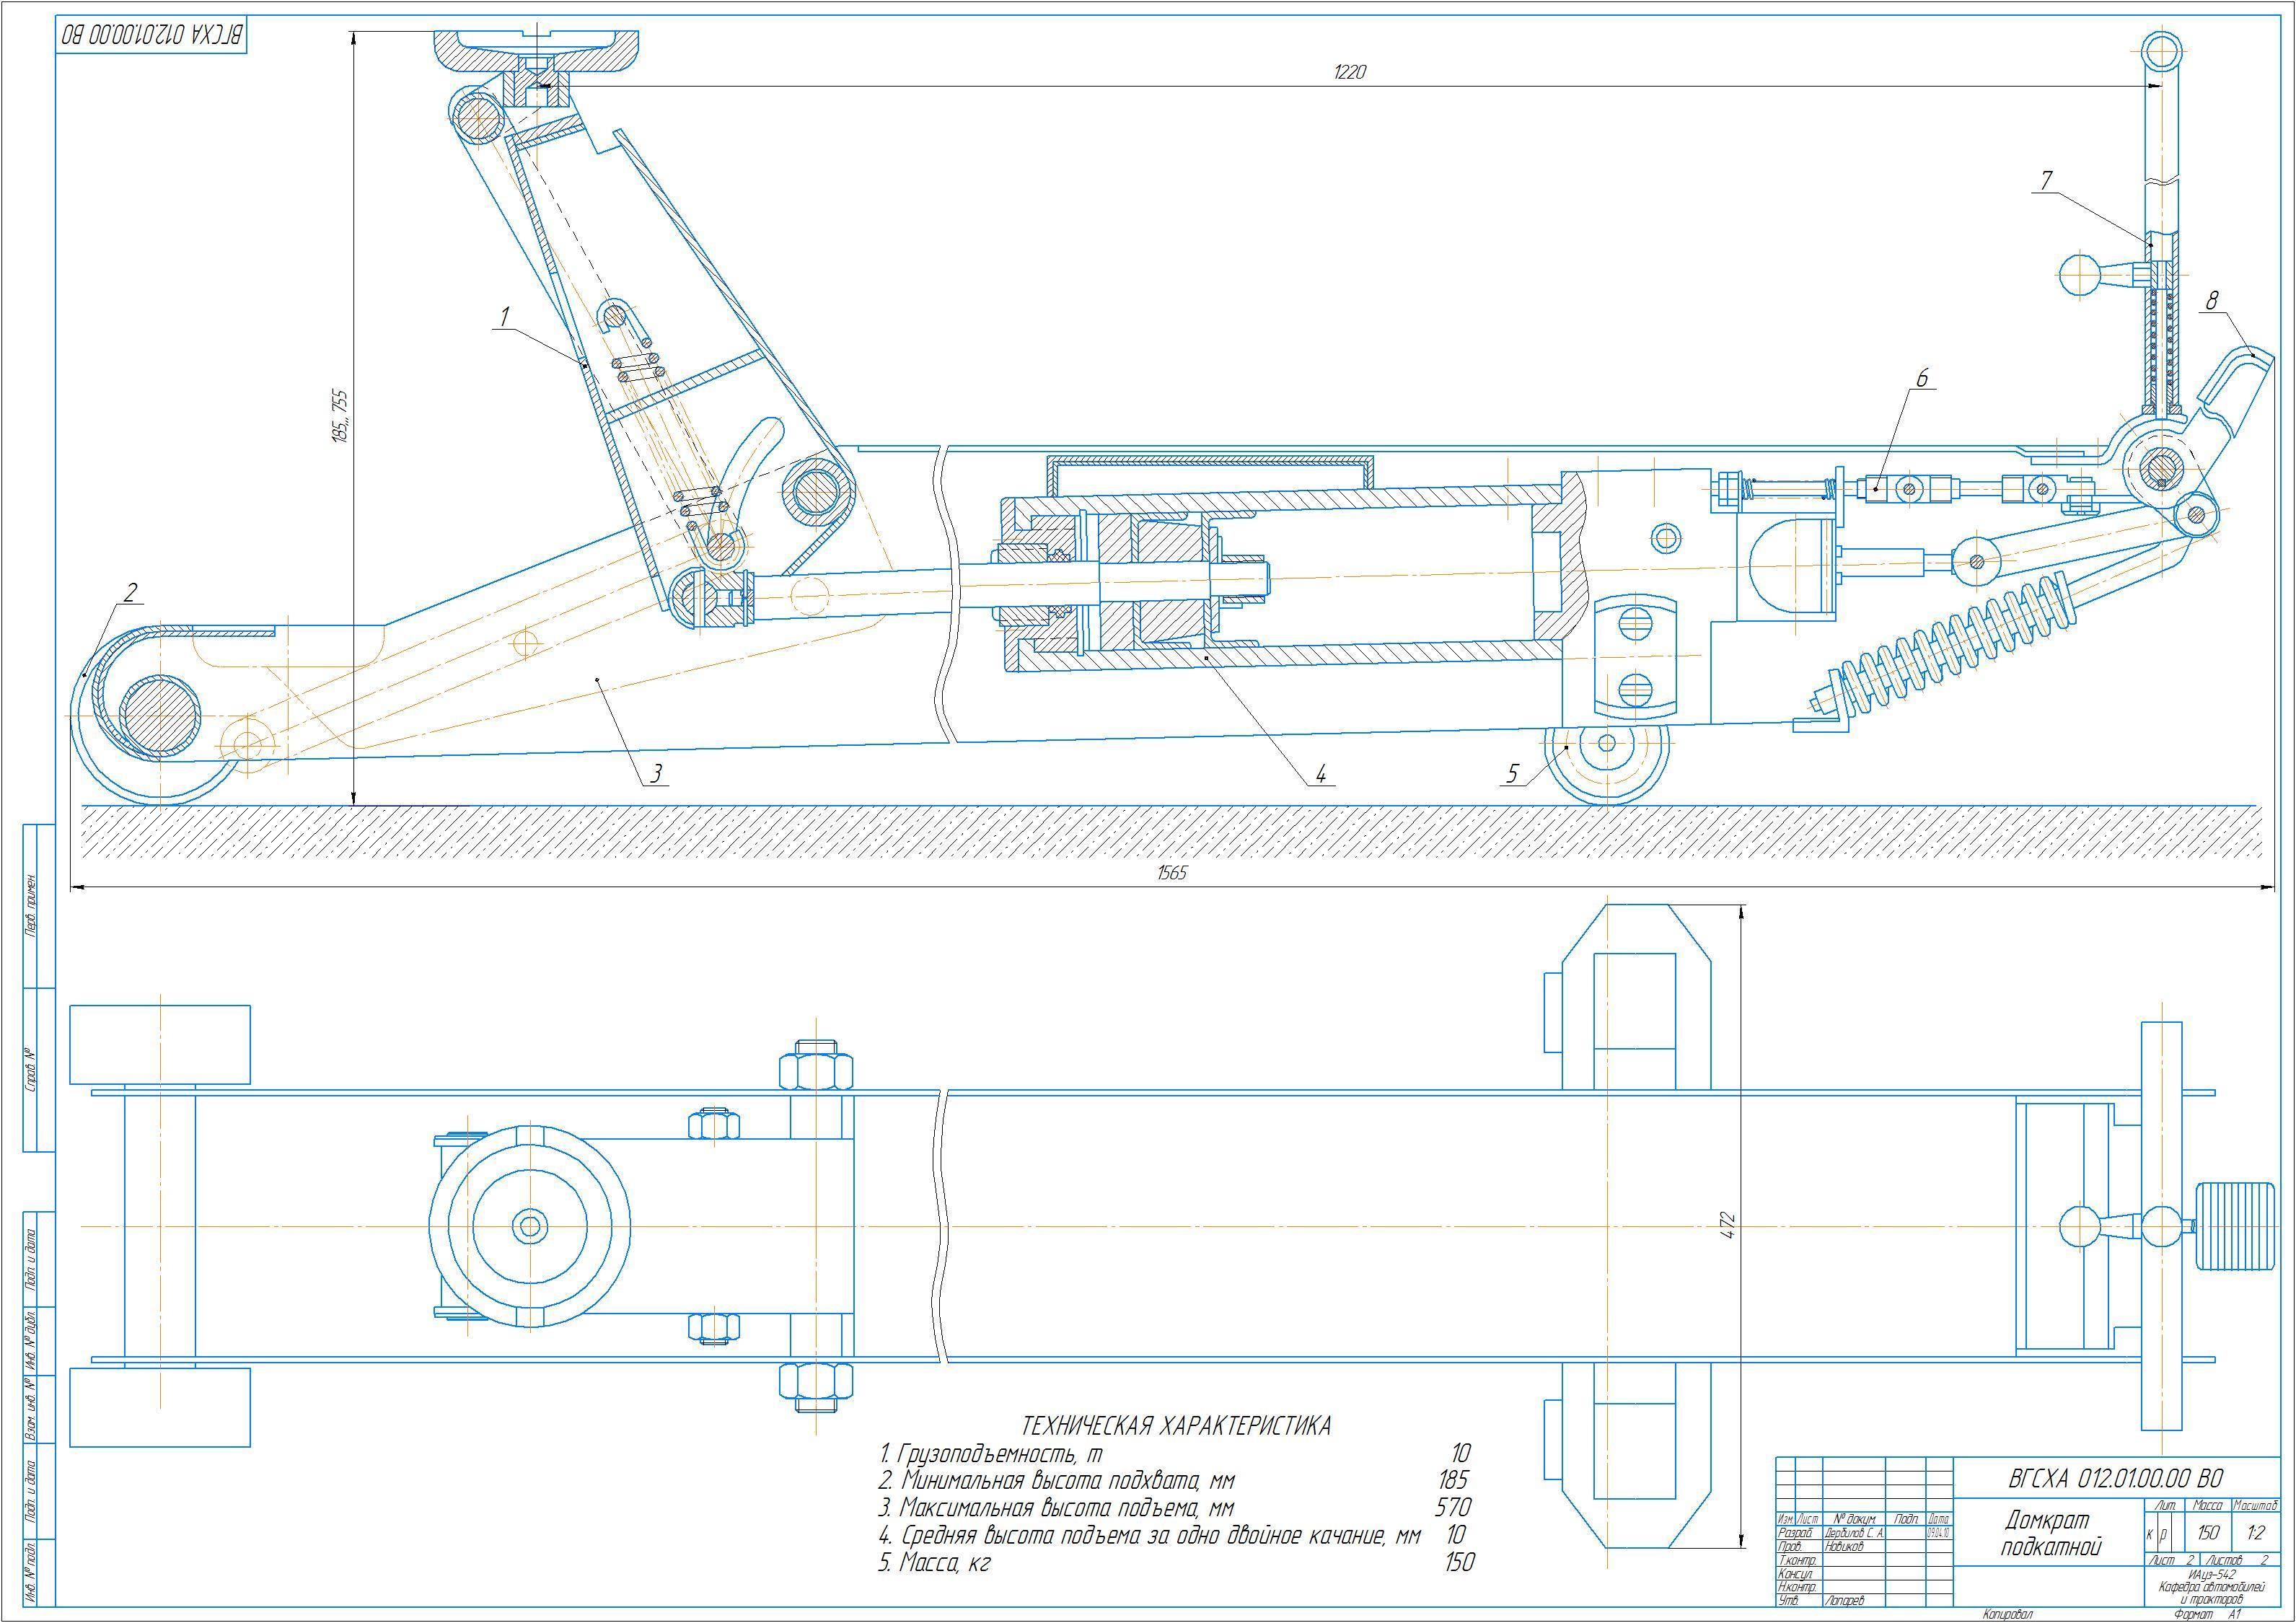 Самодельный домкрат: как сделать своими руками рычажный домкрат? чертеж подъемника для гаража. как сделать мощный домкрат из пвх-труб и другие приспособления для поднятия грузов?